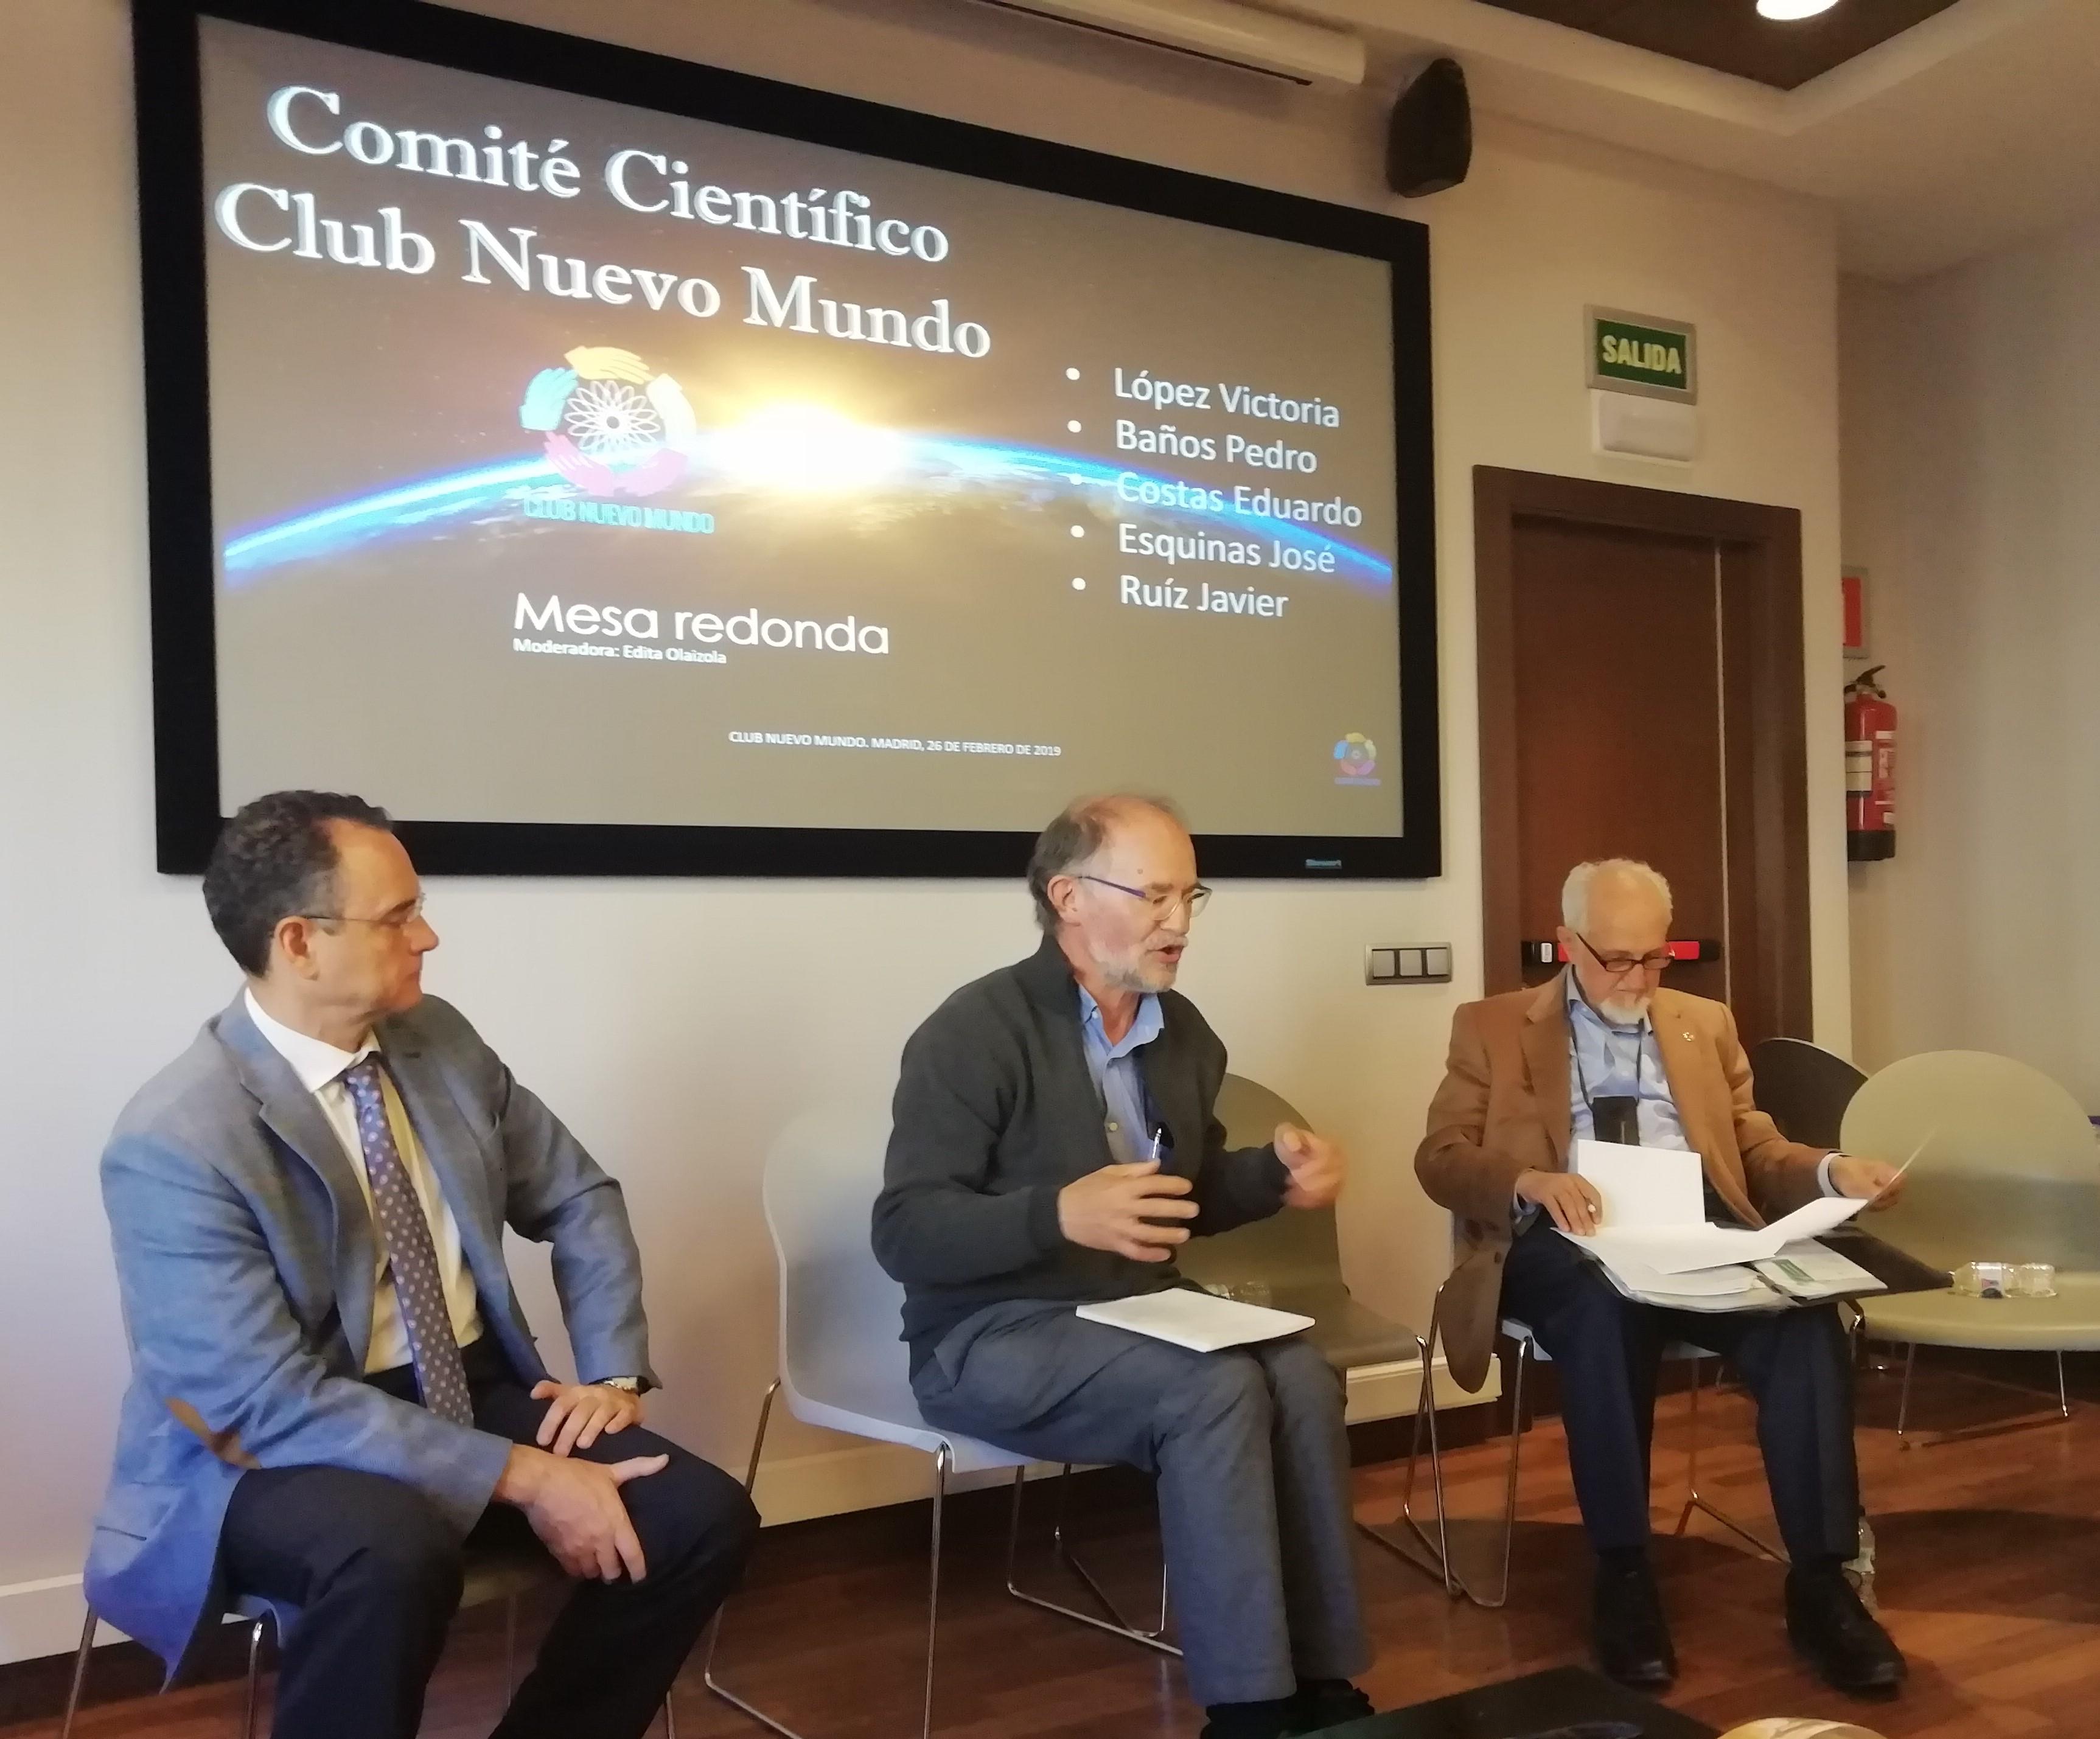 Un momento de la mesa redonda. De izquierda a derecha: Pedro Baños, Eduardo Costas y José Esquinas. Foto: Eva Reneses.